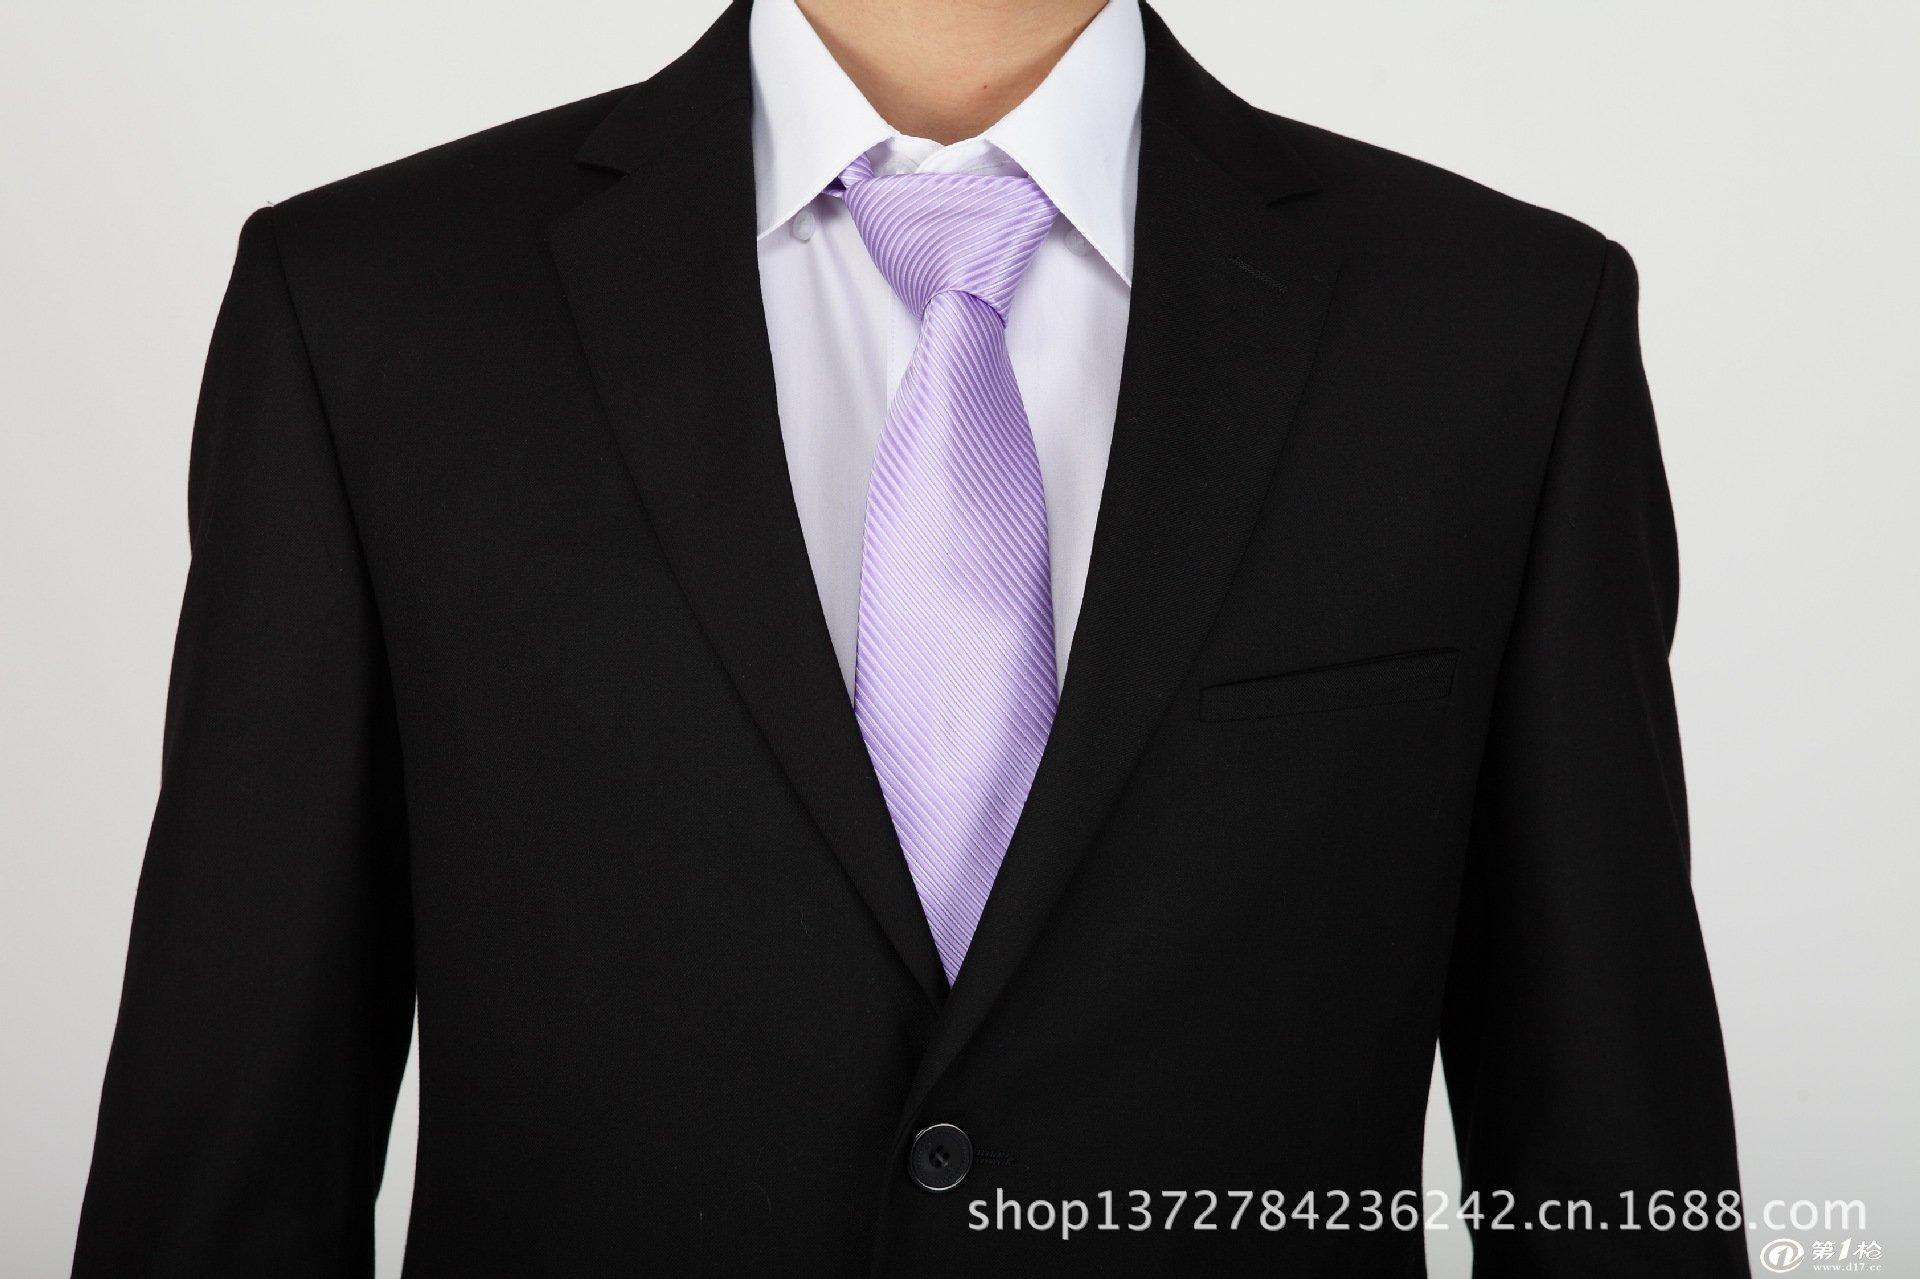 欧式西服 品牌服装